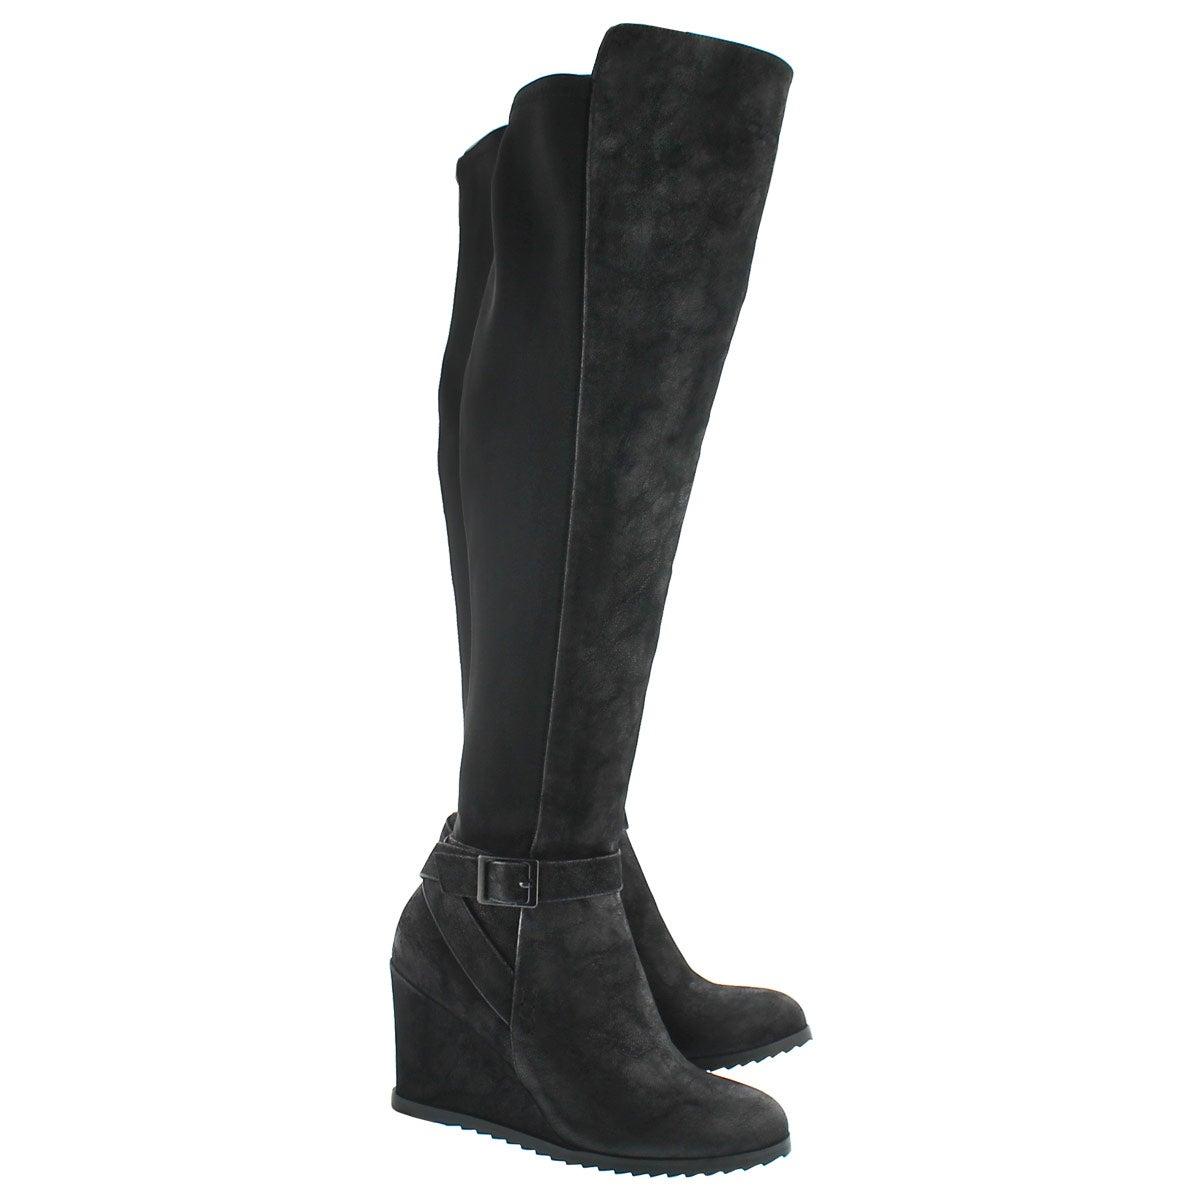 Lds Blondie Hi blk wedge knee high boot